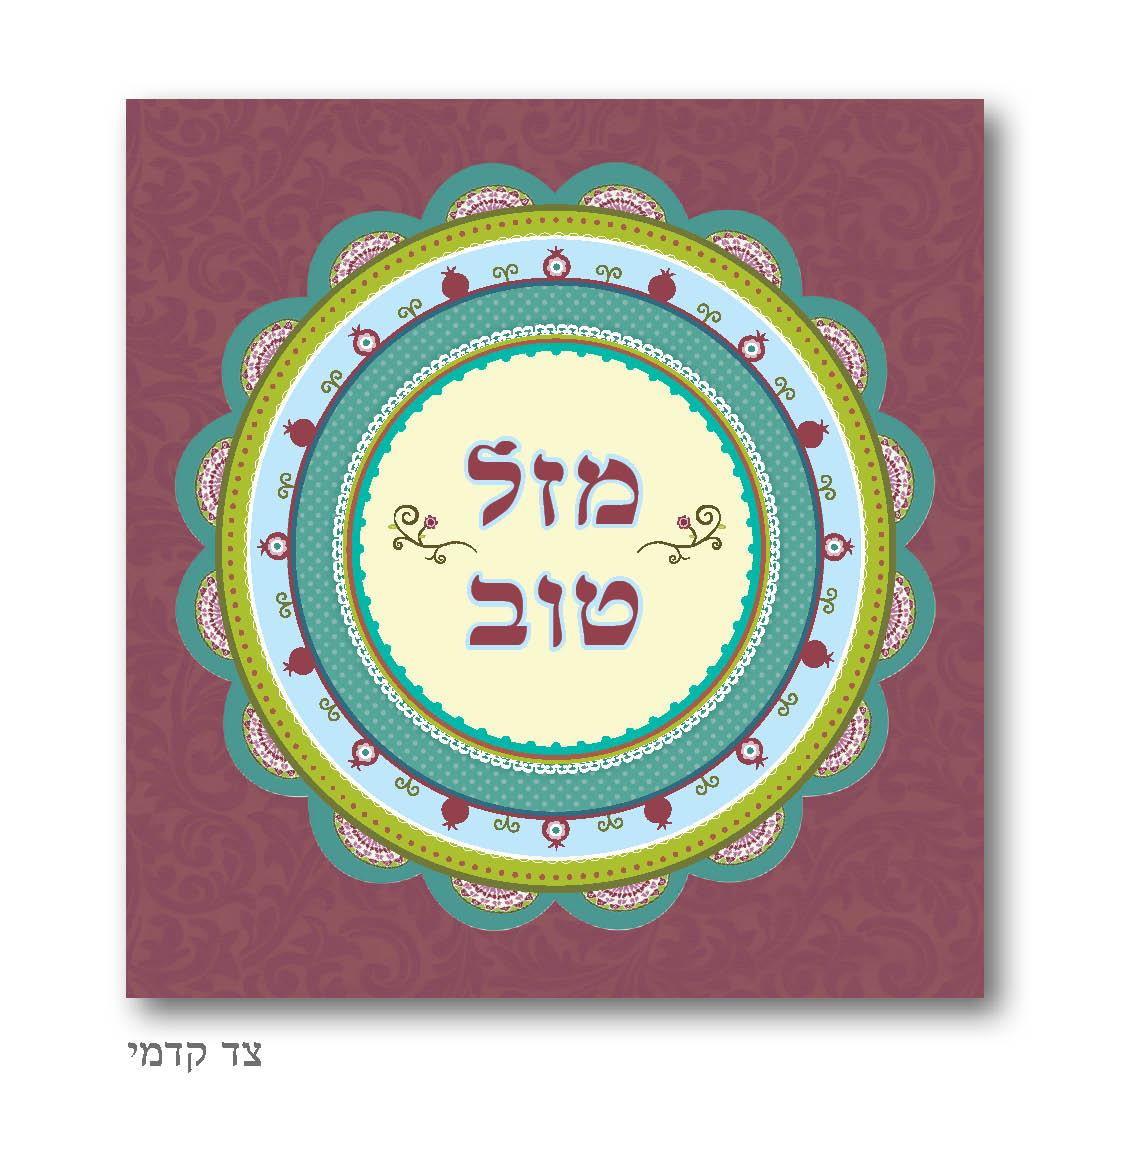 כרטיס ברכה נפתח - מזל טוב - דוגמא